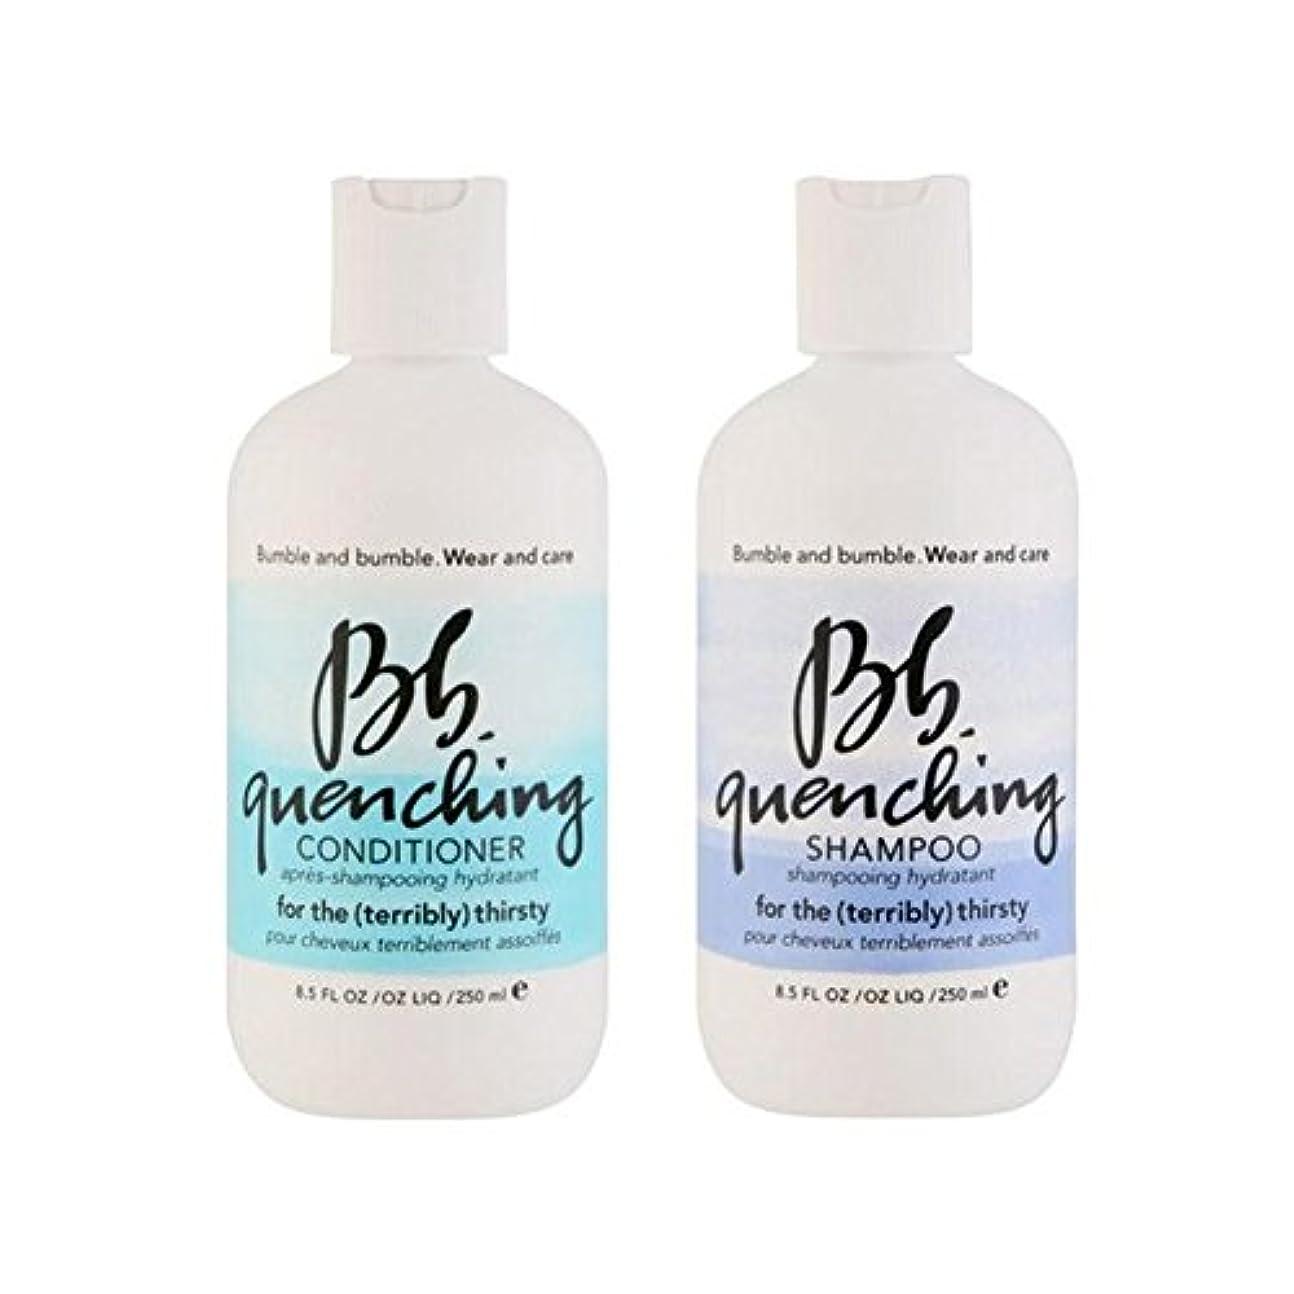 ゴージャス批判普及シャンプーとコンディショナー - デュオを急冷着用し、世話 x2 - Bb Wear And Care Quenching Duo - Shampoo And Conditioner (Pack of 2) [並行輸入品]